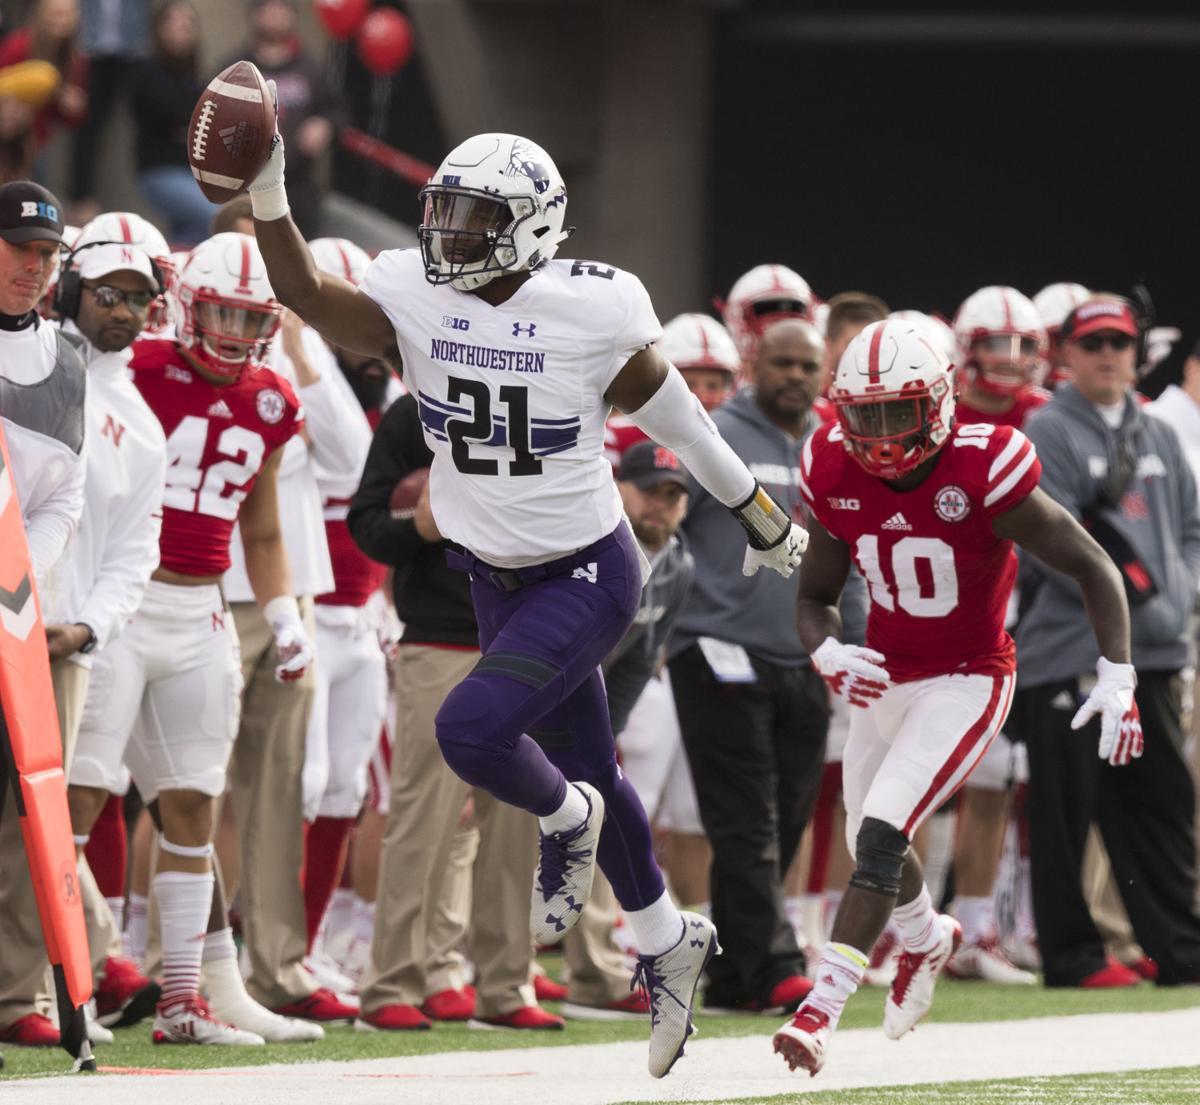 Northwestern vs. Nebraska, 11/4/17